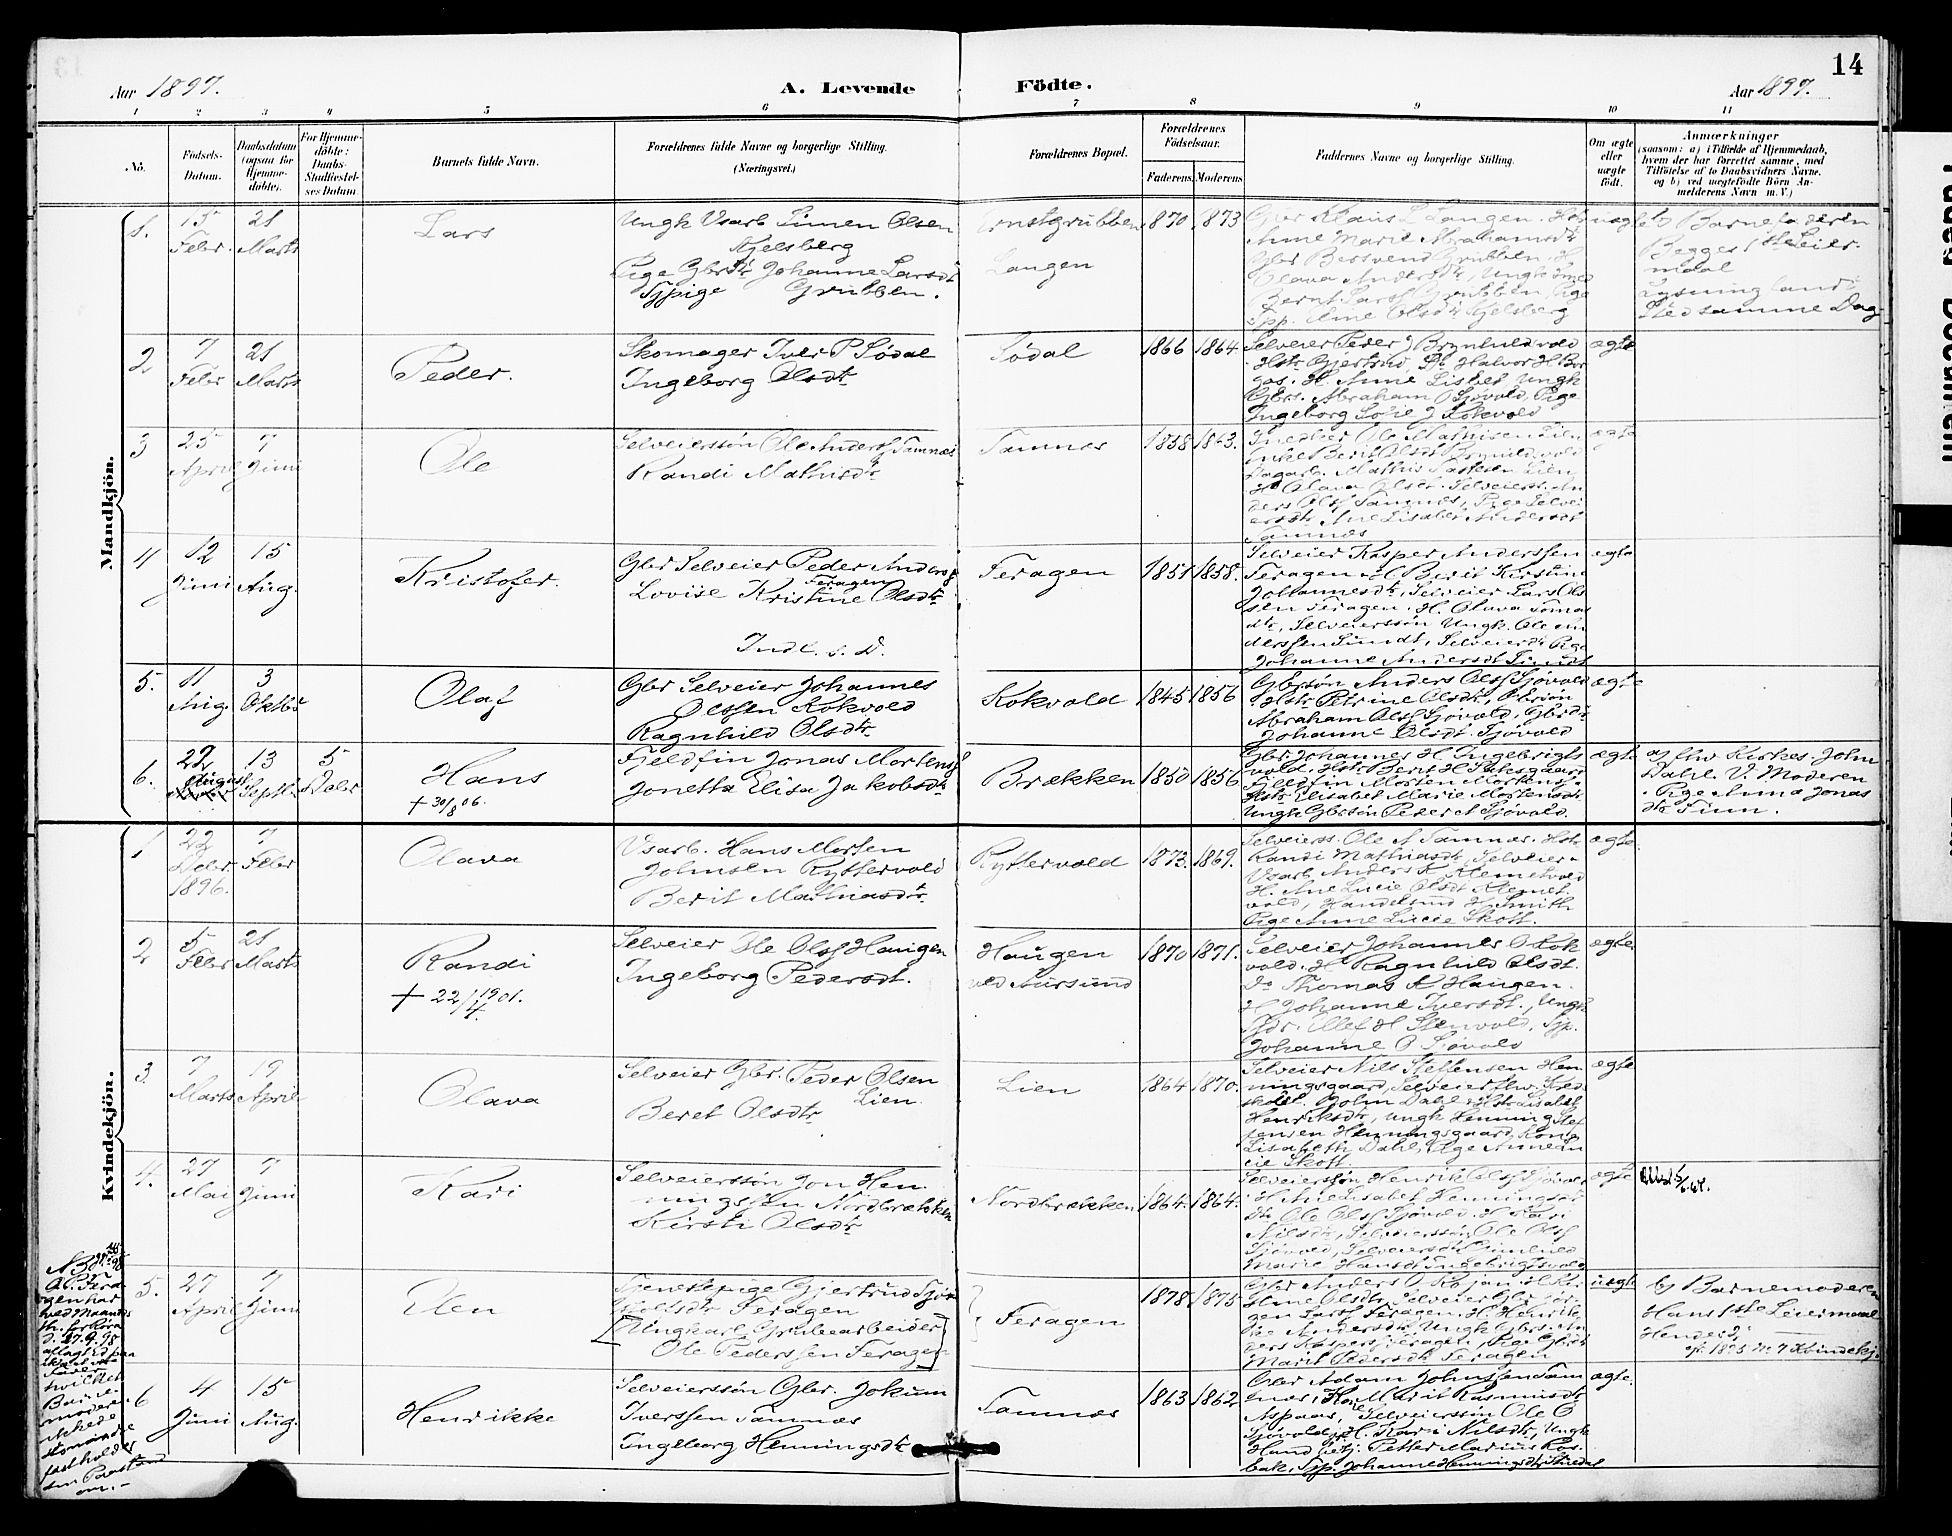 SAT, Ministerialprotokoller, klokkerbøker og fødselsregistre - Sør-Trøndelag, 683/L0948: Ministerialbok nr. 683A01, 1891-1902, s. 14